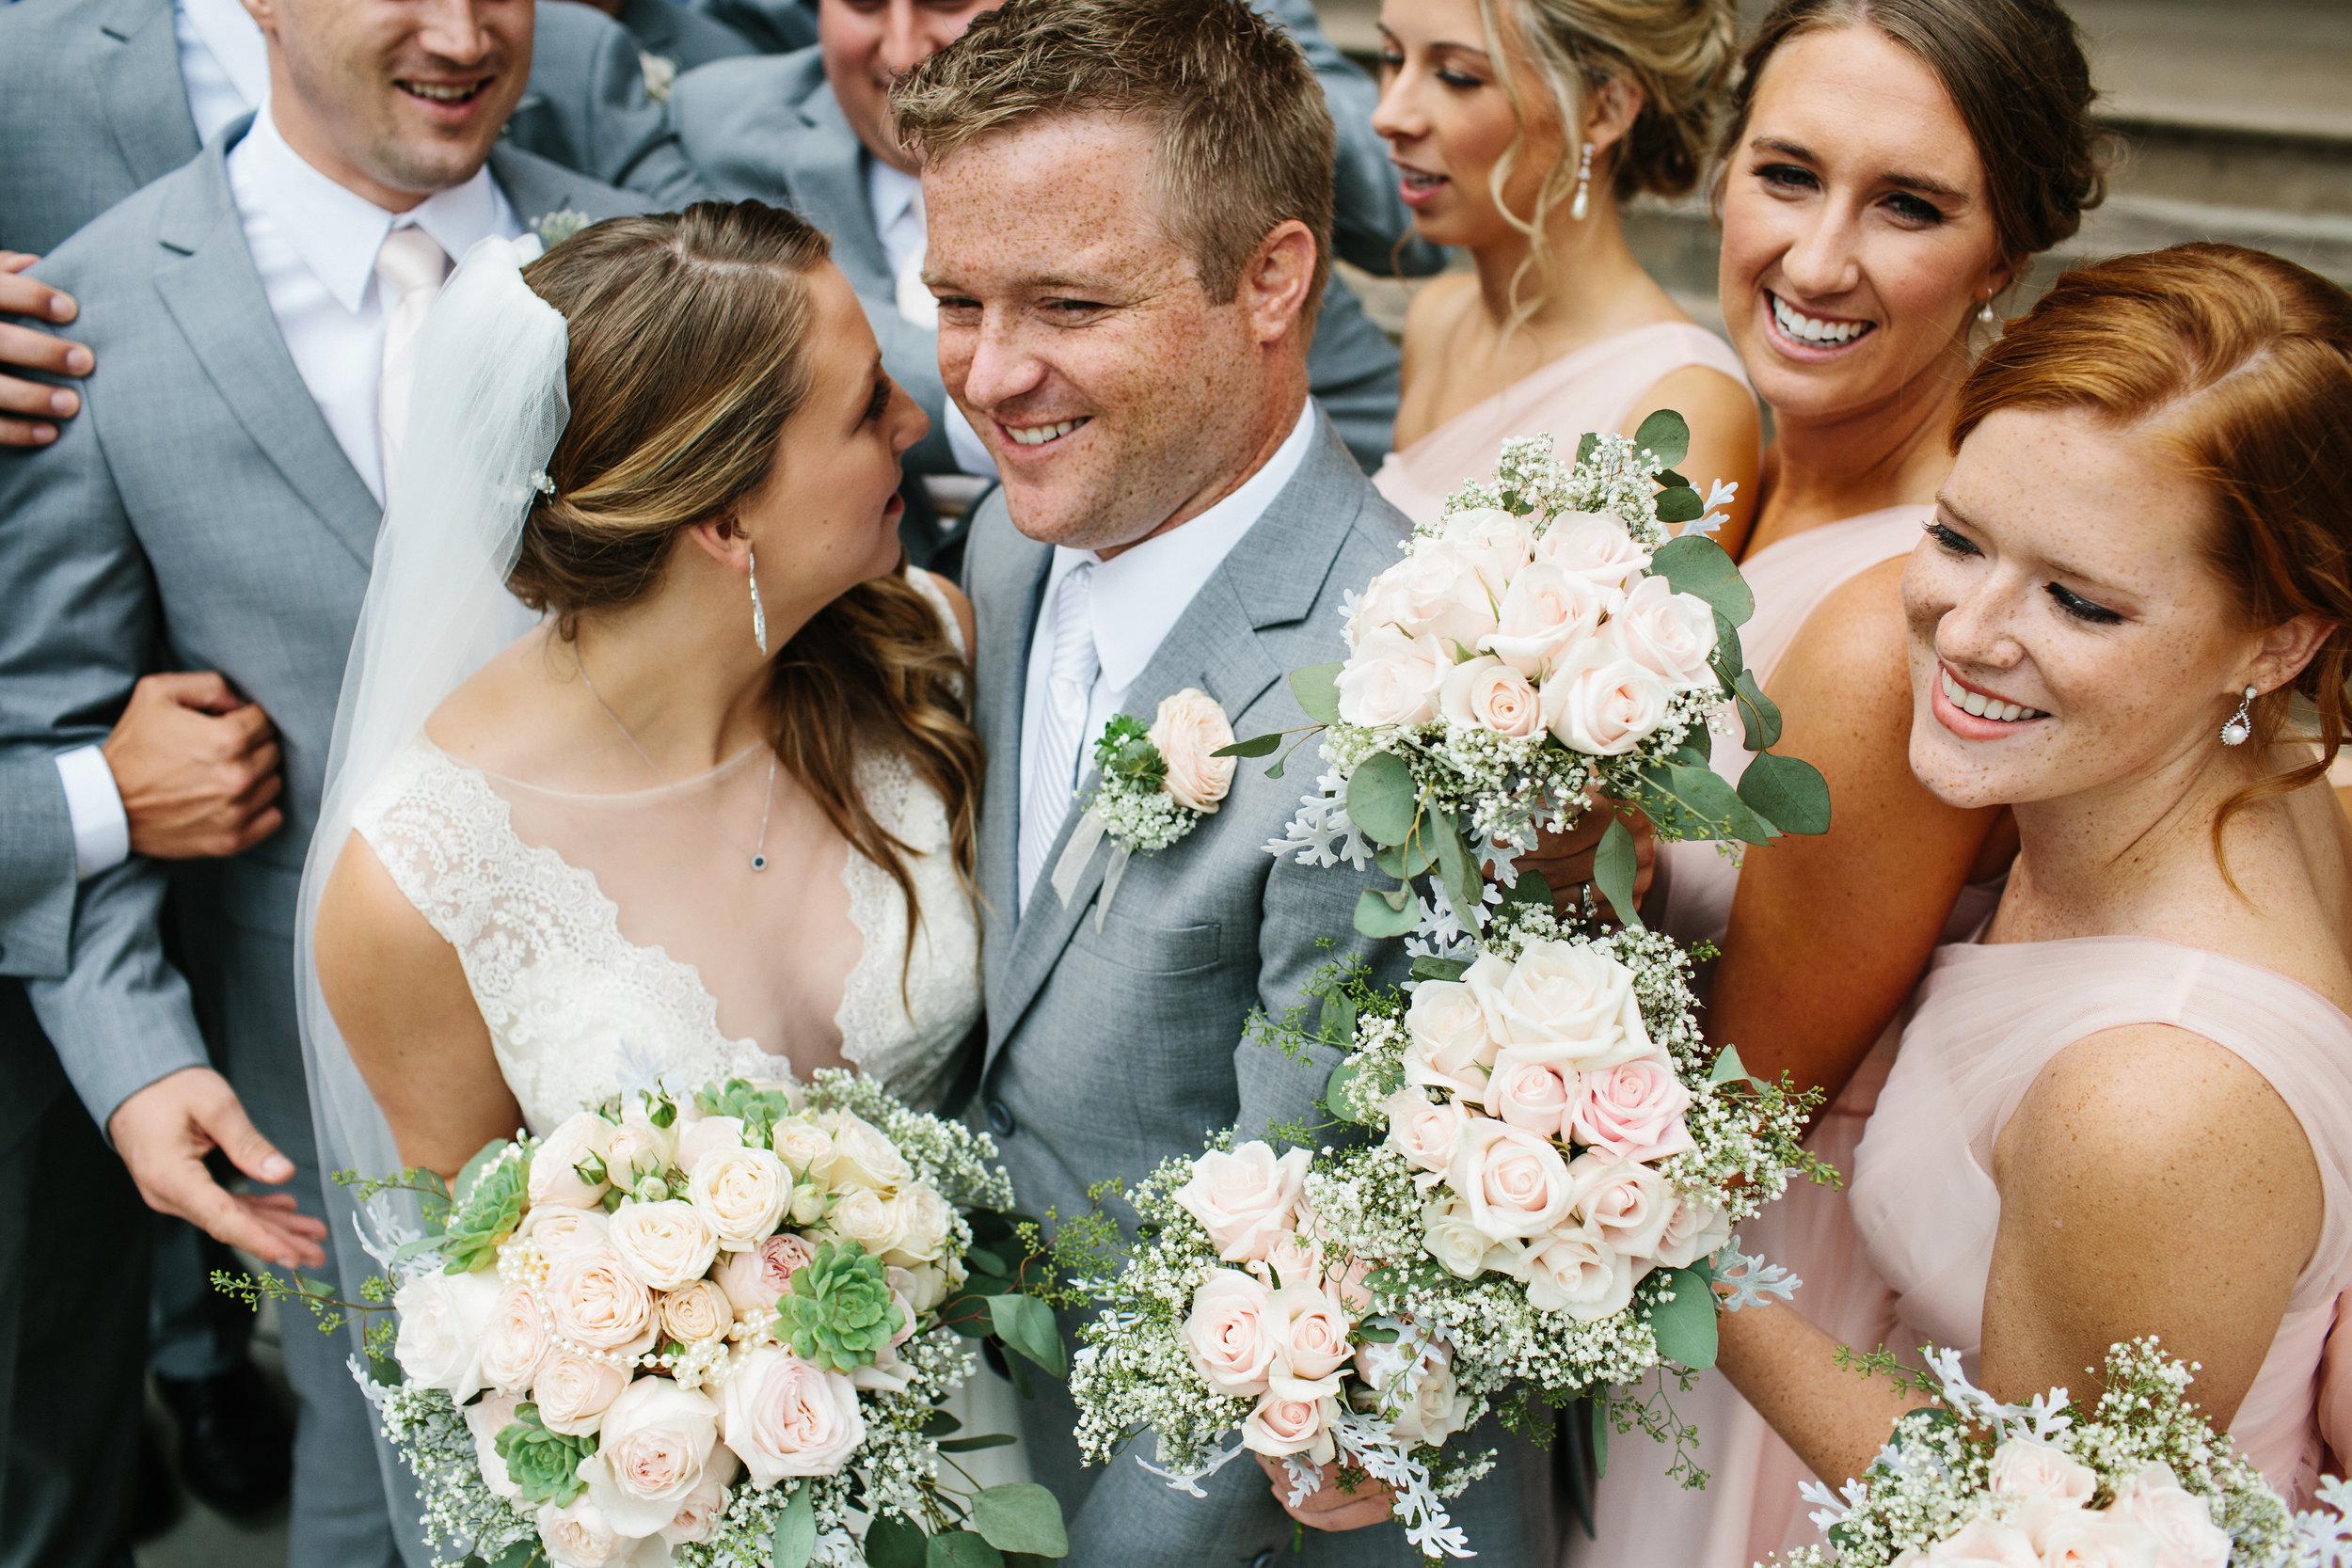 nebbia-weddingparty-9225.jpg